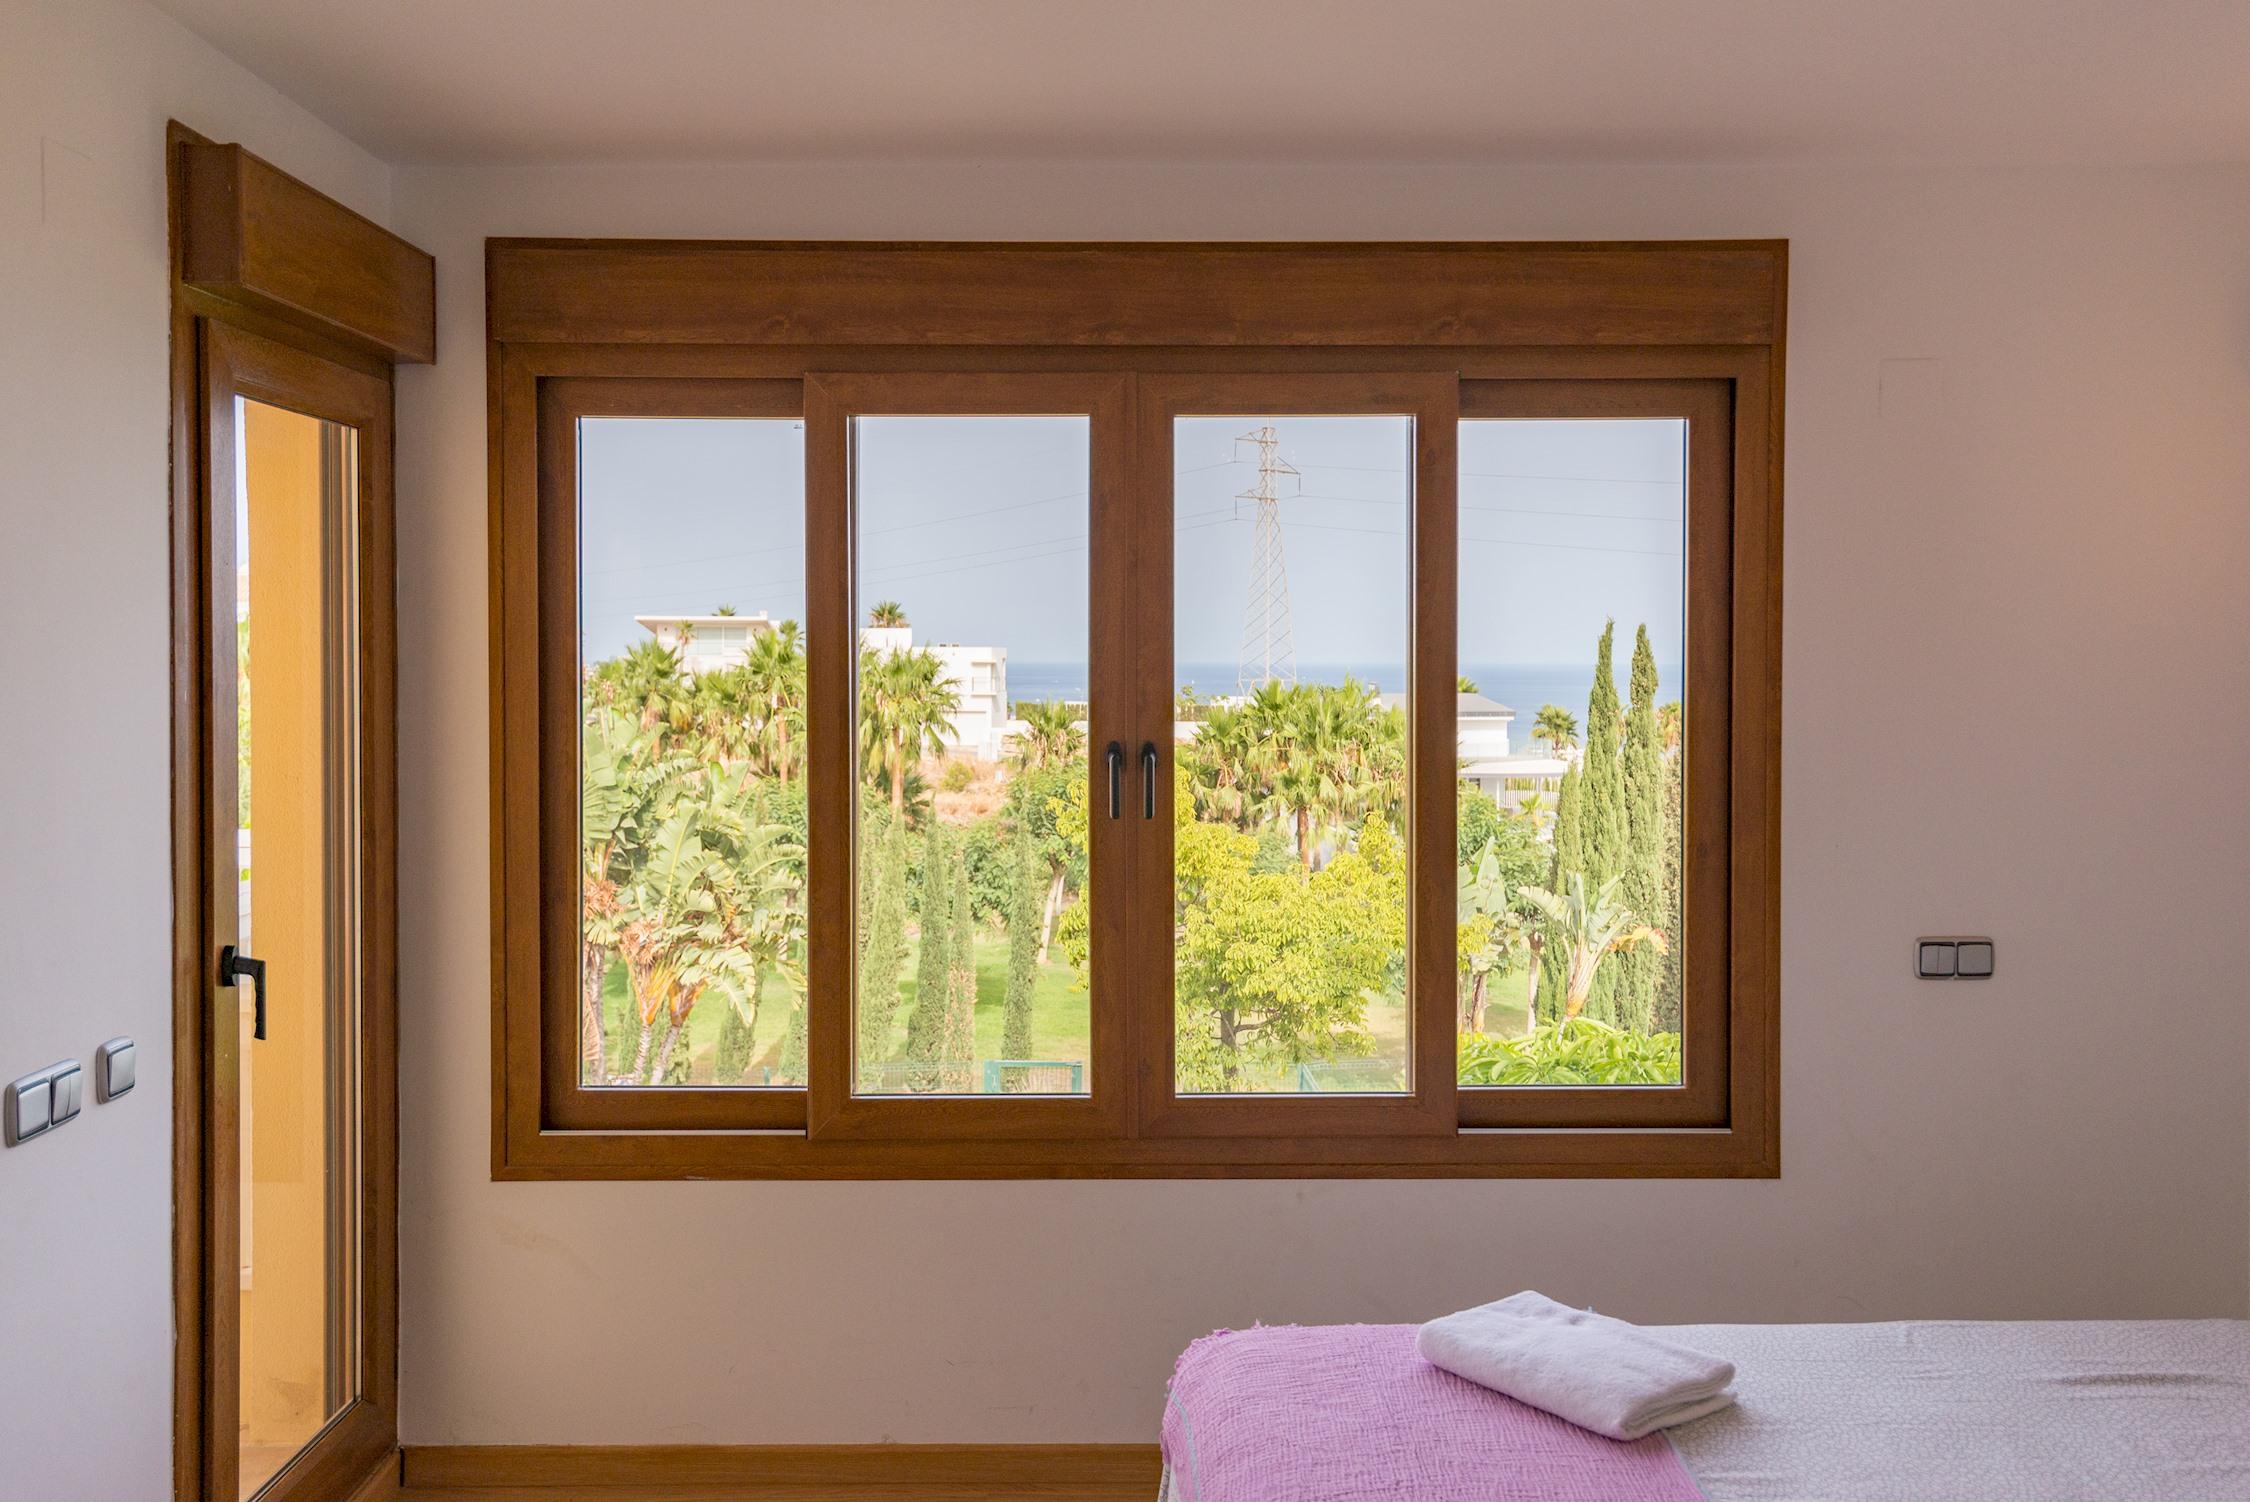 Apartment MalagaSuite Private Deluxe Villa photo 20498717